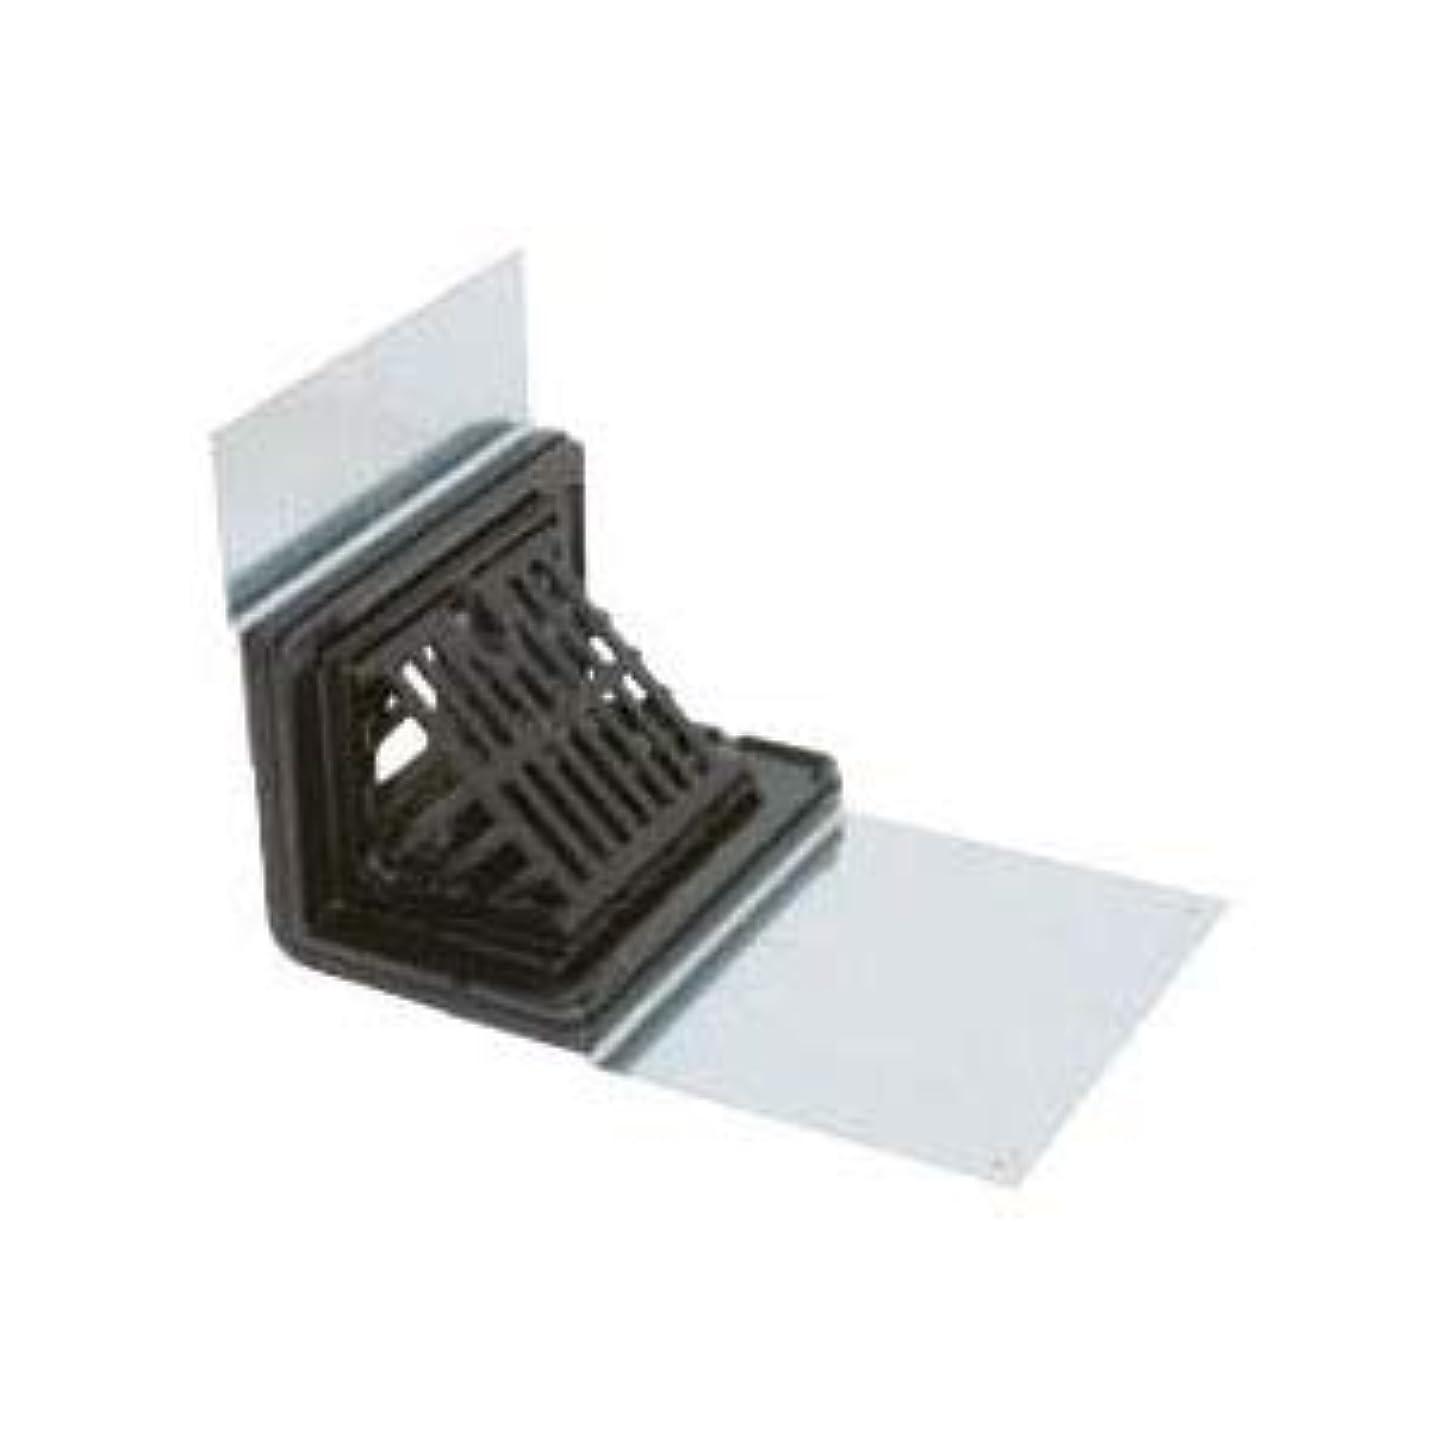 唯一子音大量カネソウ 鋳鉄製ルーフドレイン よこ引き用 鋼製下地断熱屋根工法用 屋上用(呼称100) EXS-6-100